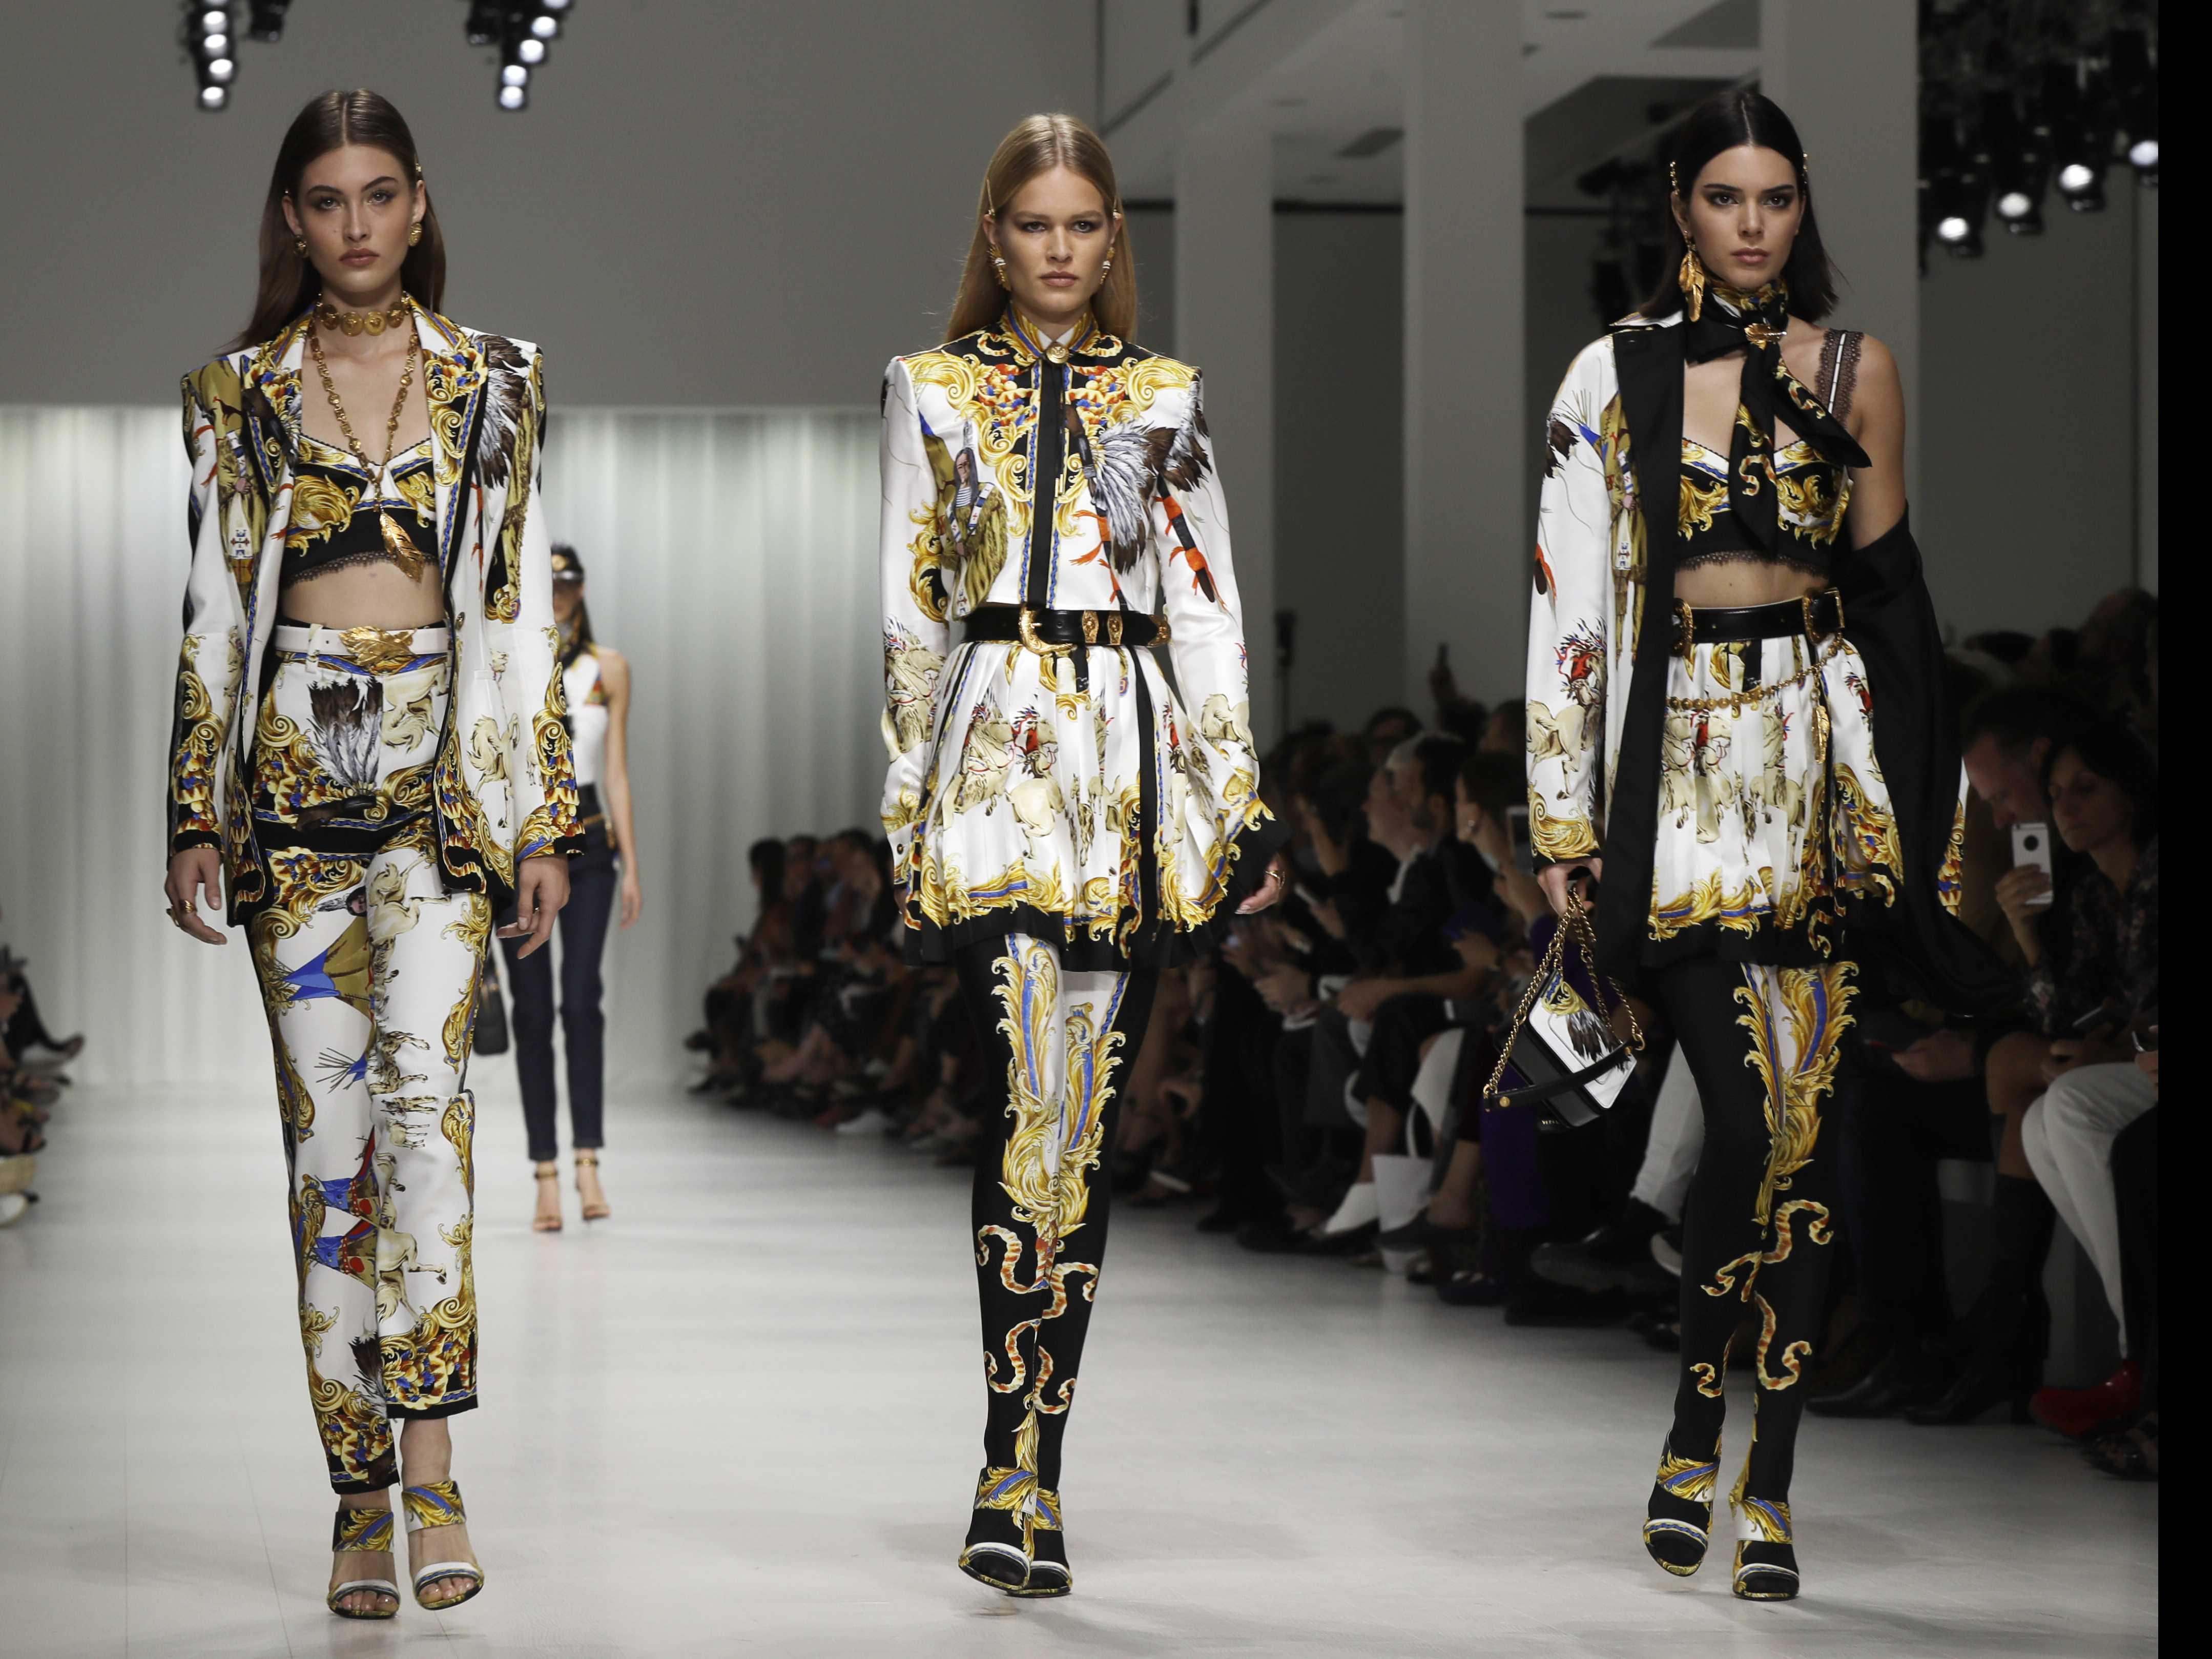 Milan Fashion Week: Versace, Armani & More